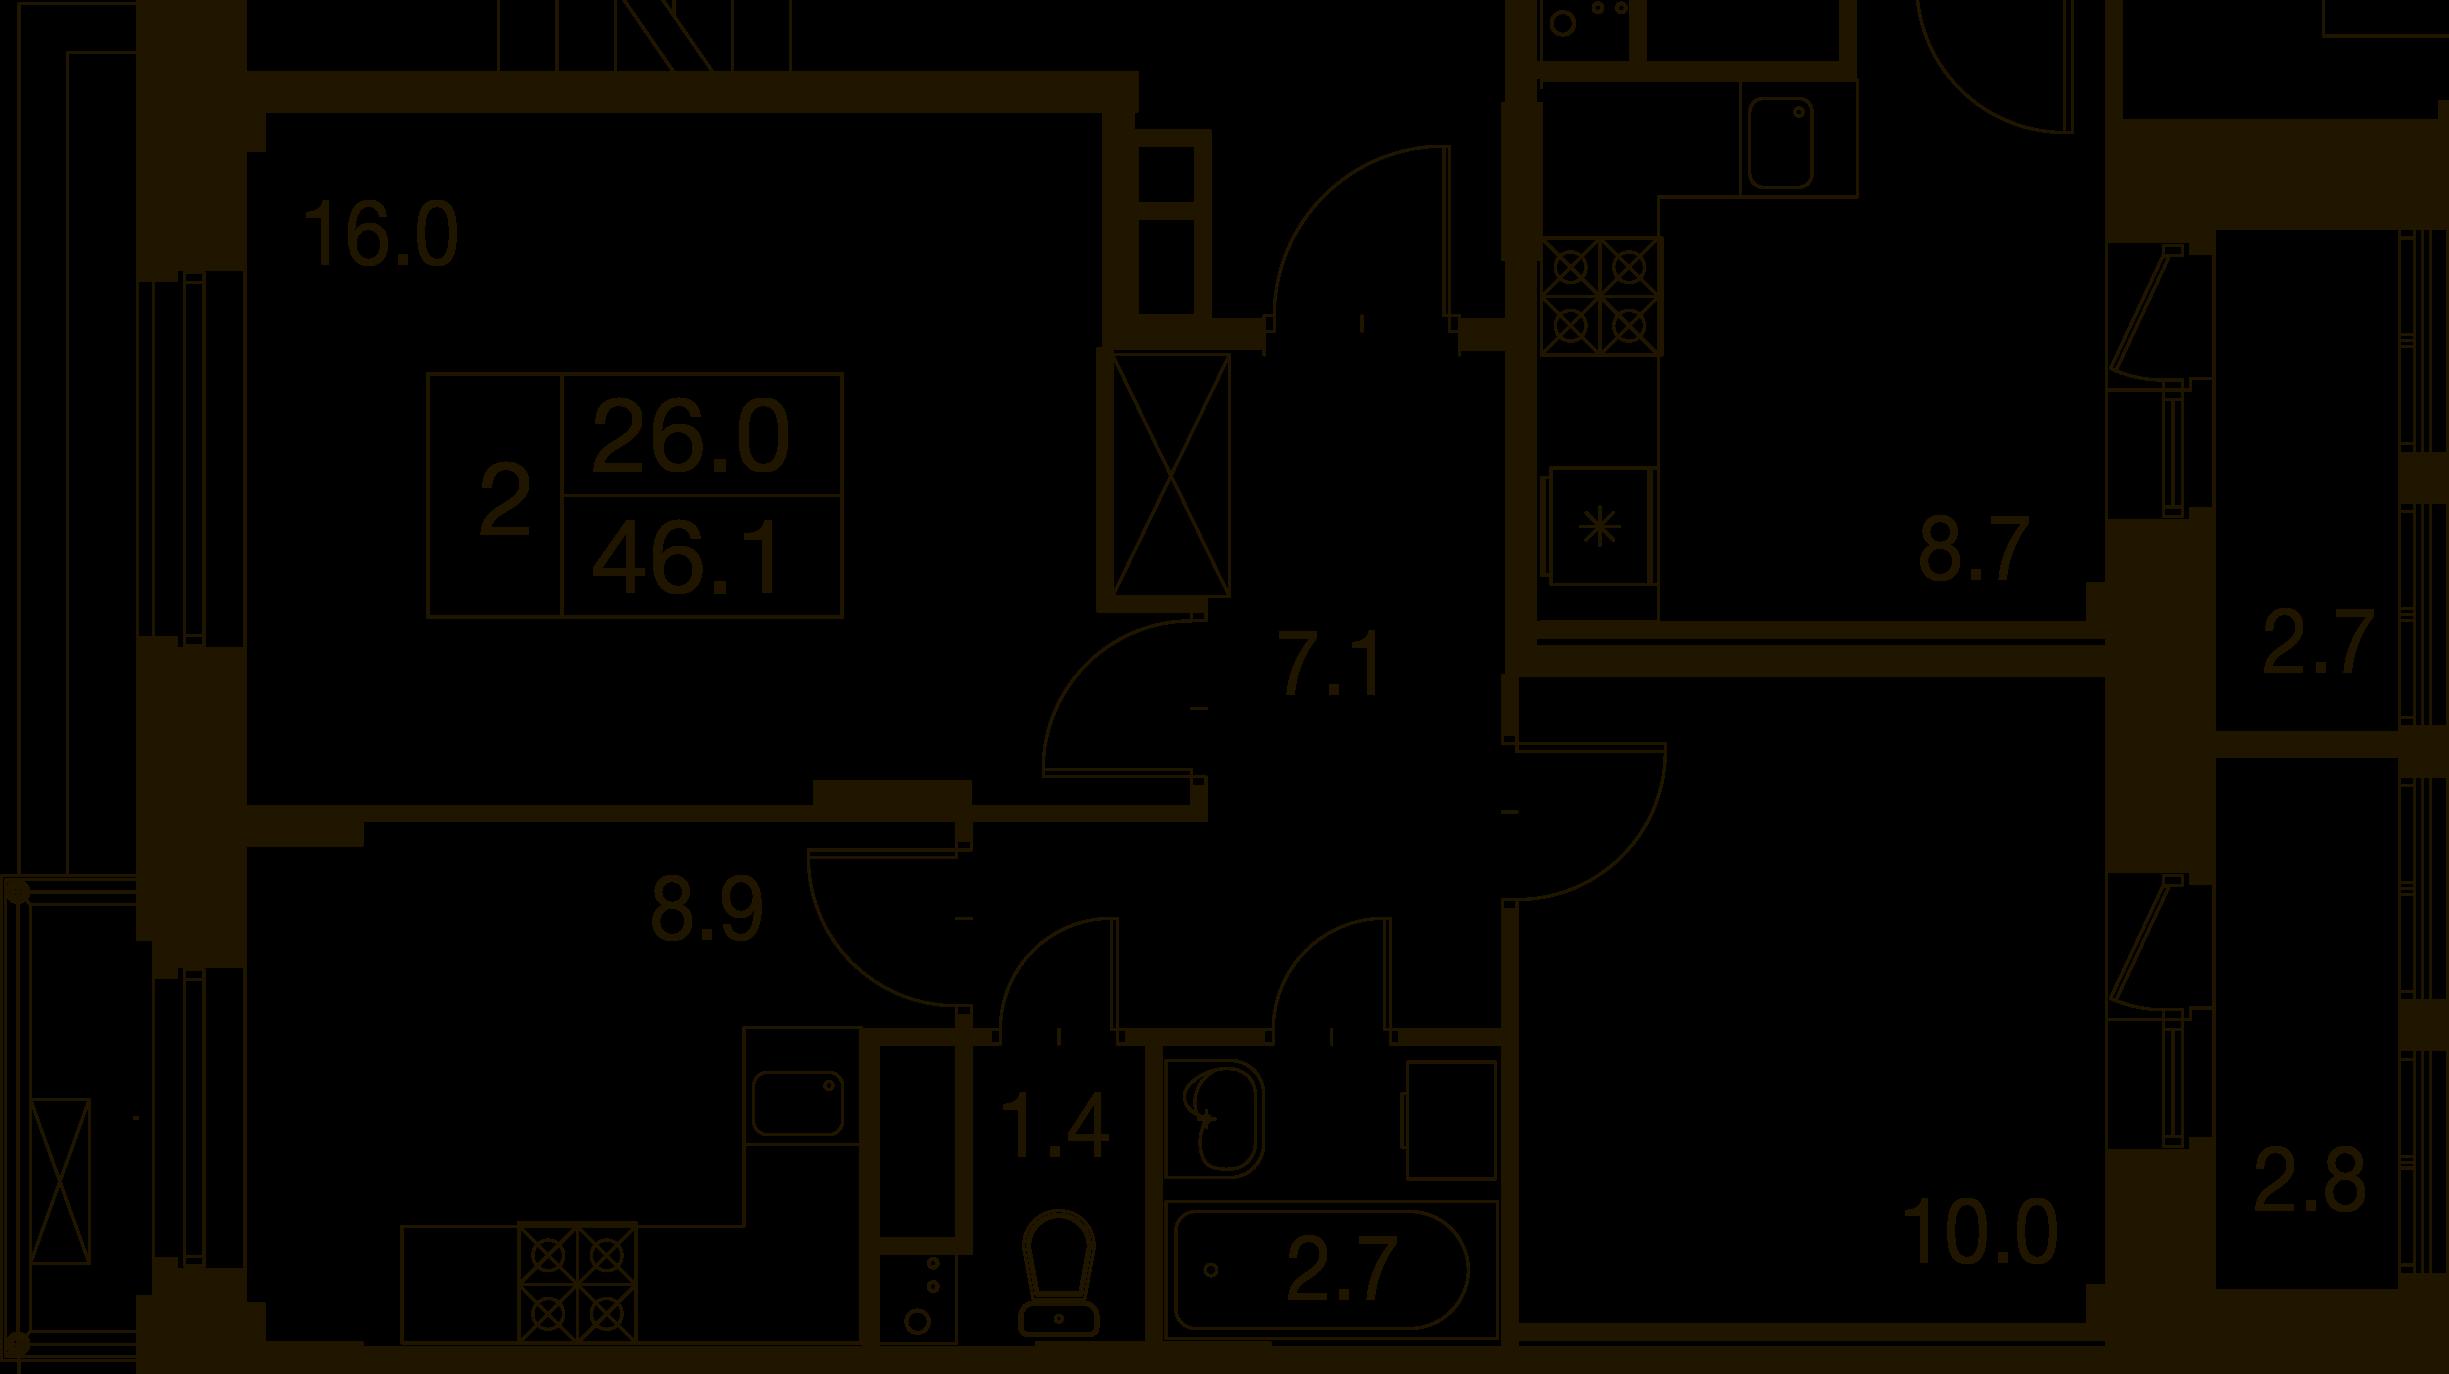 2-комнатная квартира в Митино О2, дом №7, квартира №07-289